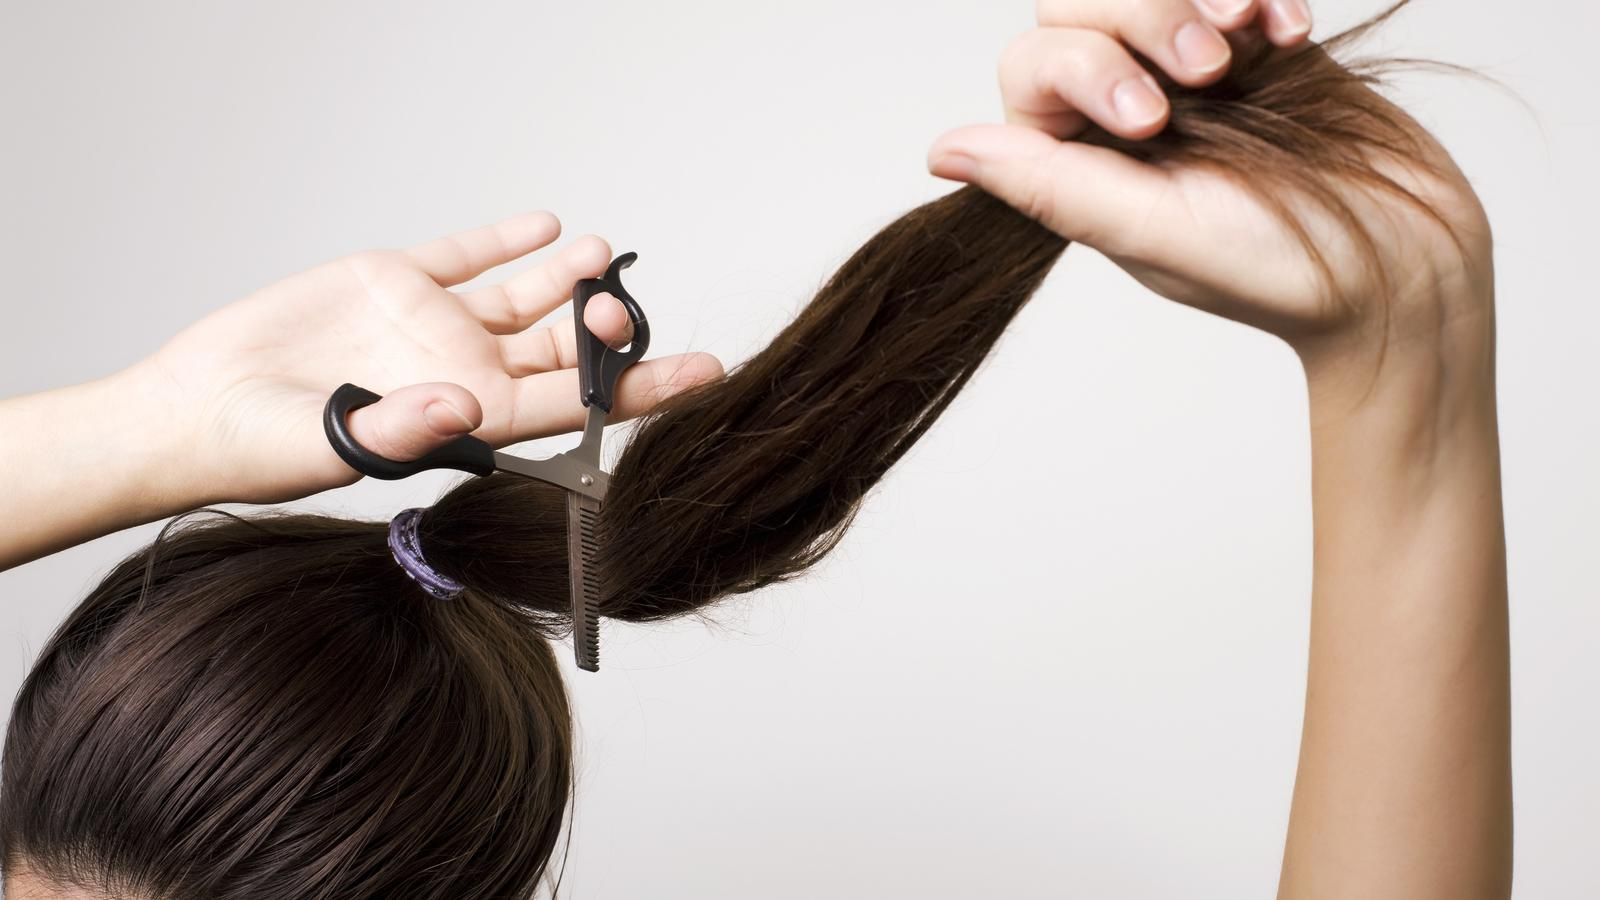 Selber Haare Schneiden Mit Dem Zopf Schnitt Gelingt Die